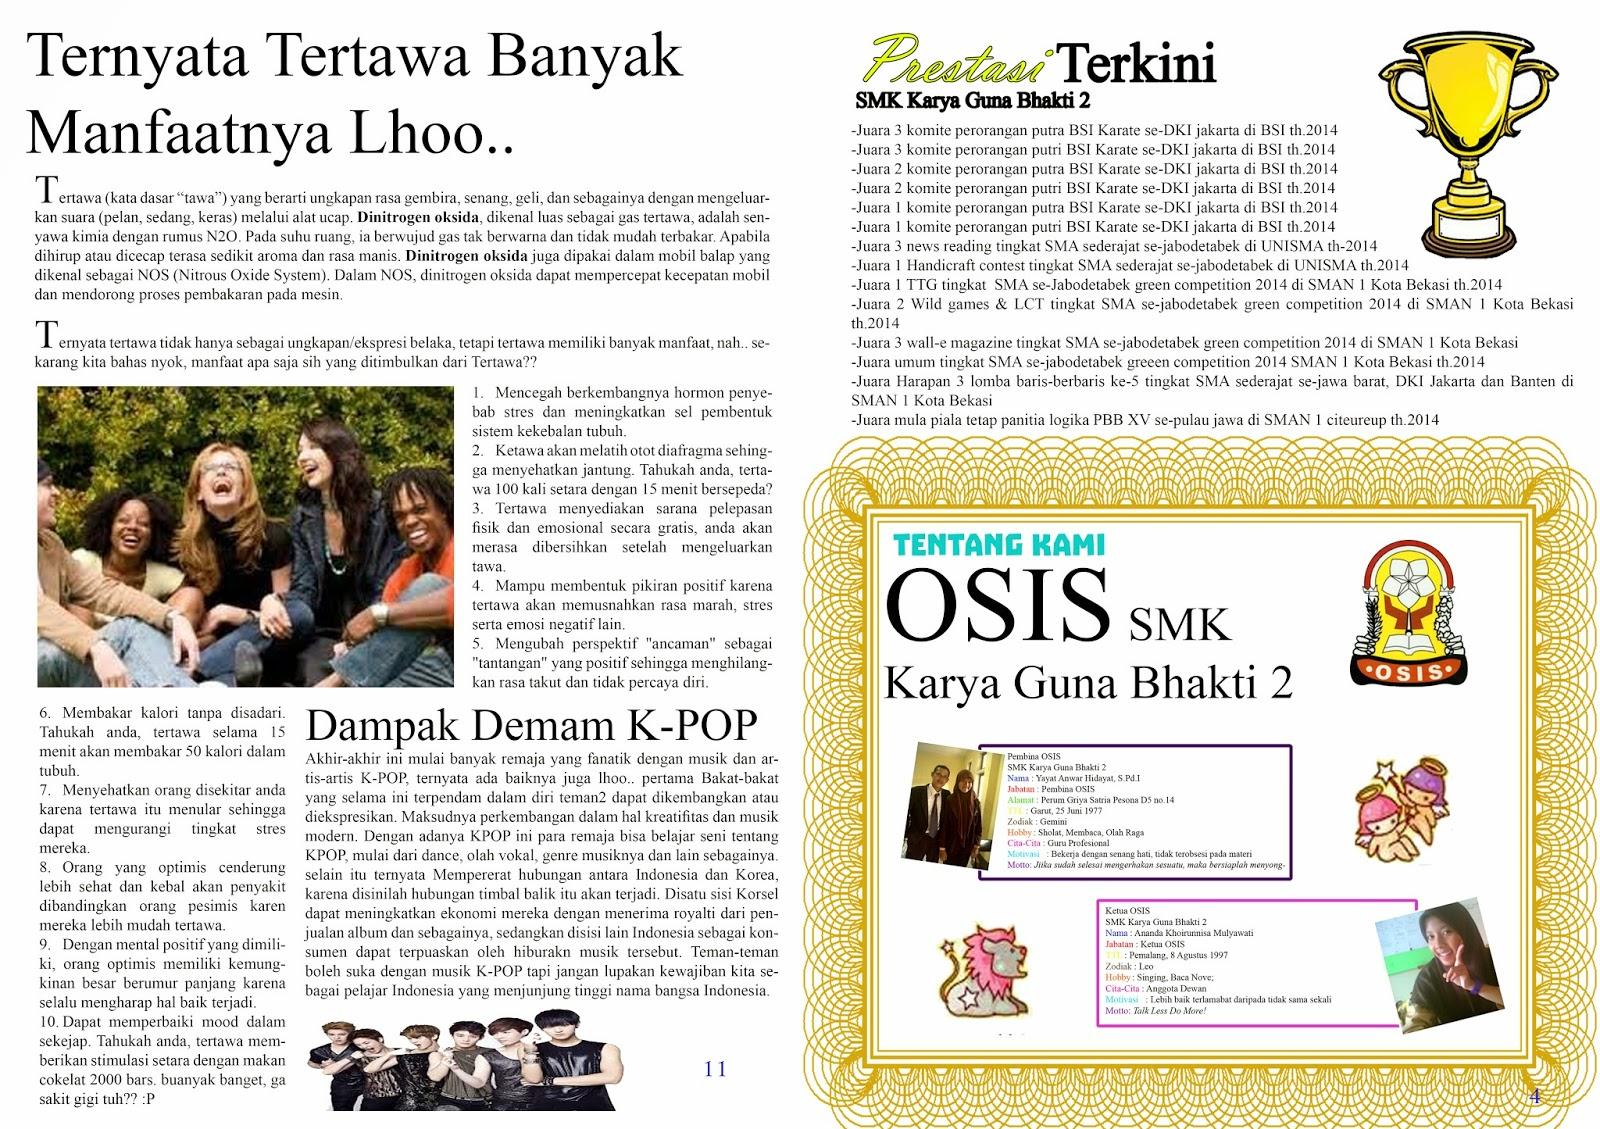 Osis Smk Karya Guna Bhakti 2 Kota Bekasi